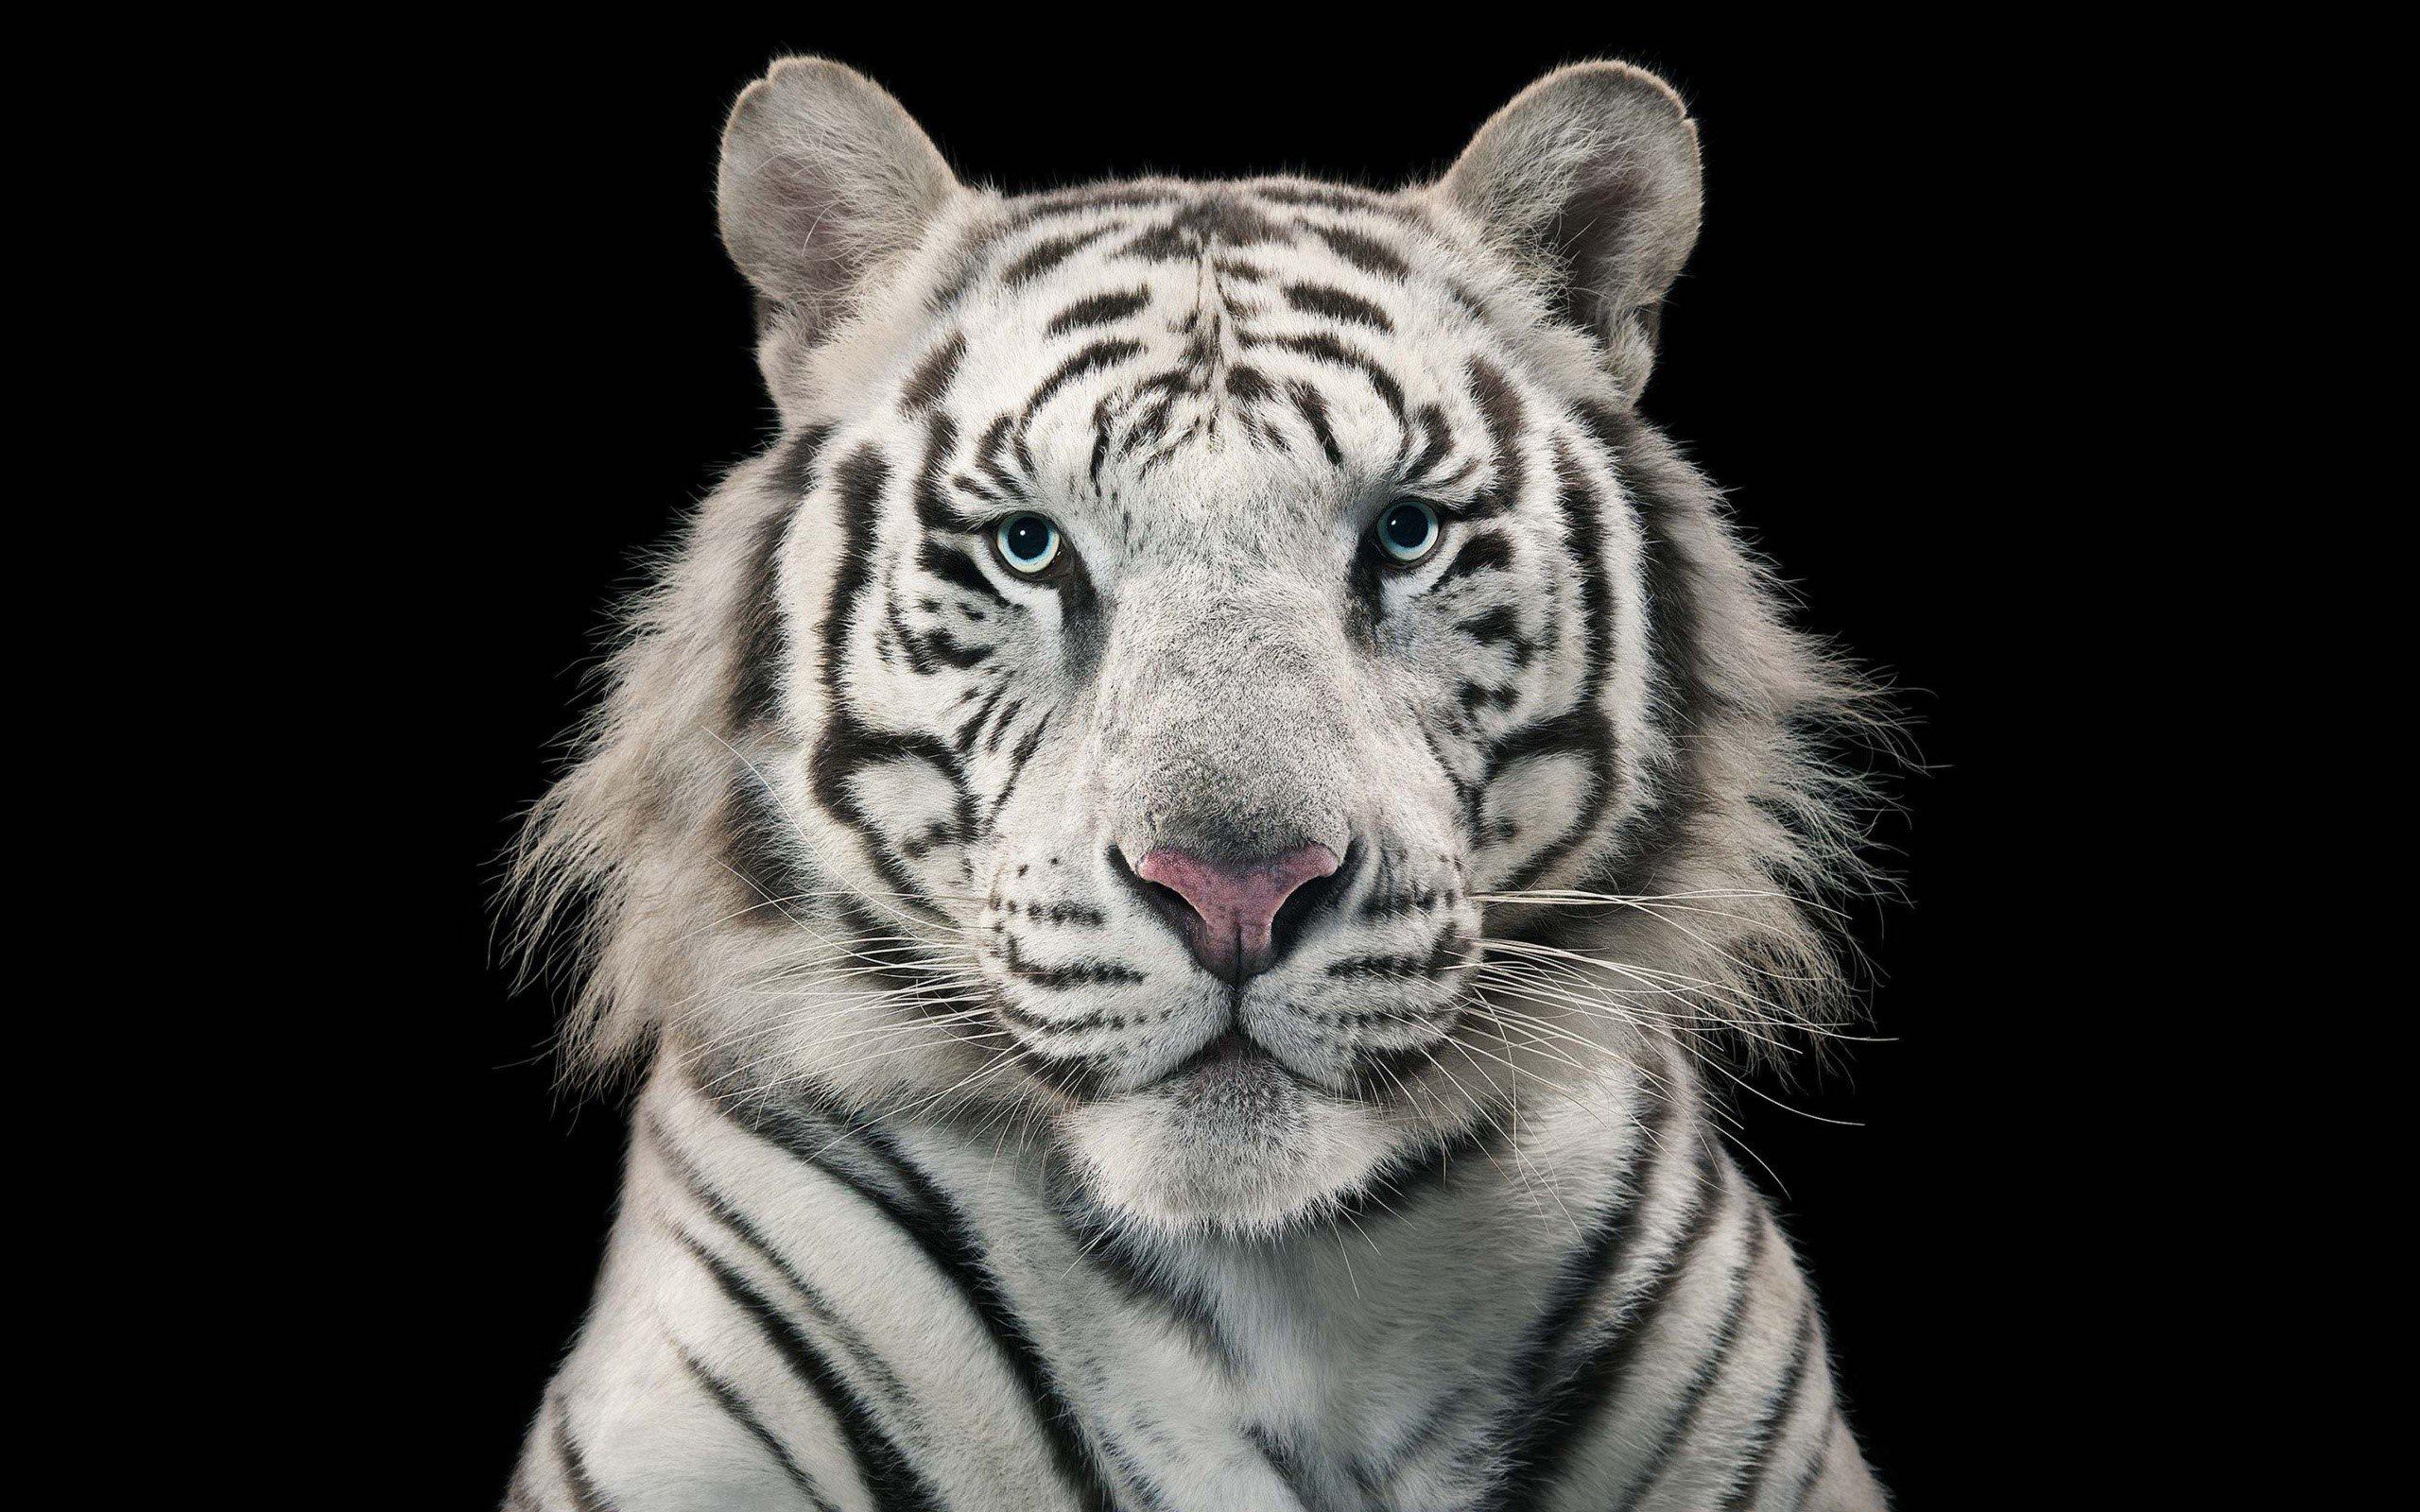 Fondo de pantalla de Tigre de Bengala Blanco Imágenes